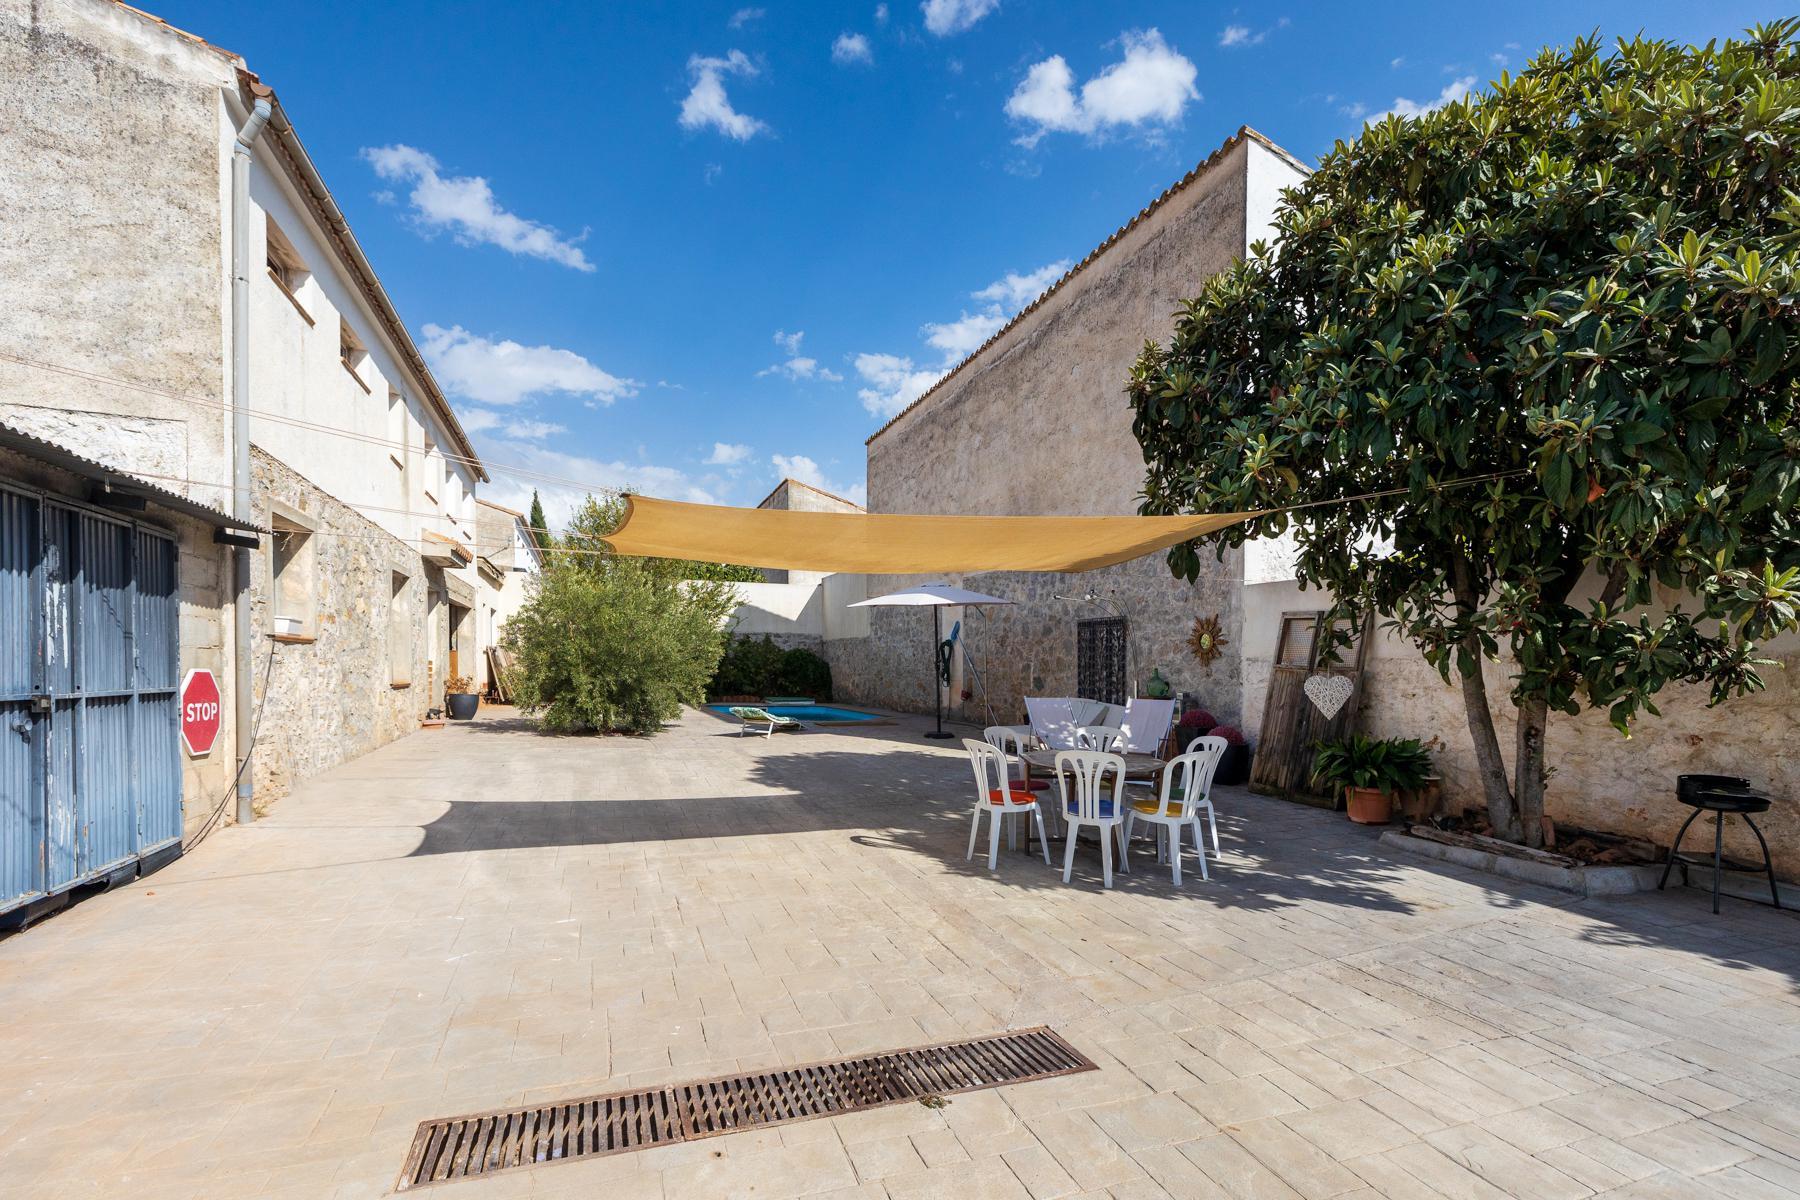 Imagen 3 Casa Aislada en venta en Albolote / Parque del Chaparral, junto cafetería S.Ildefonso